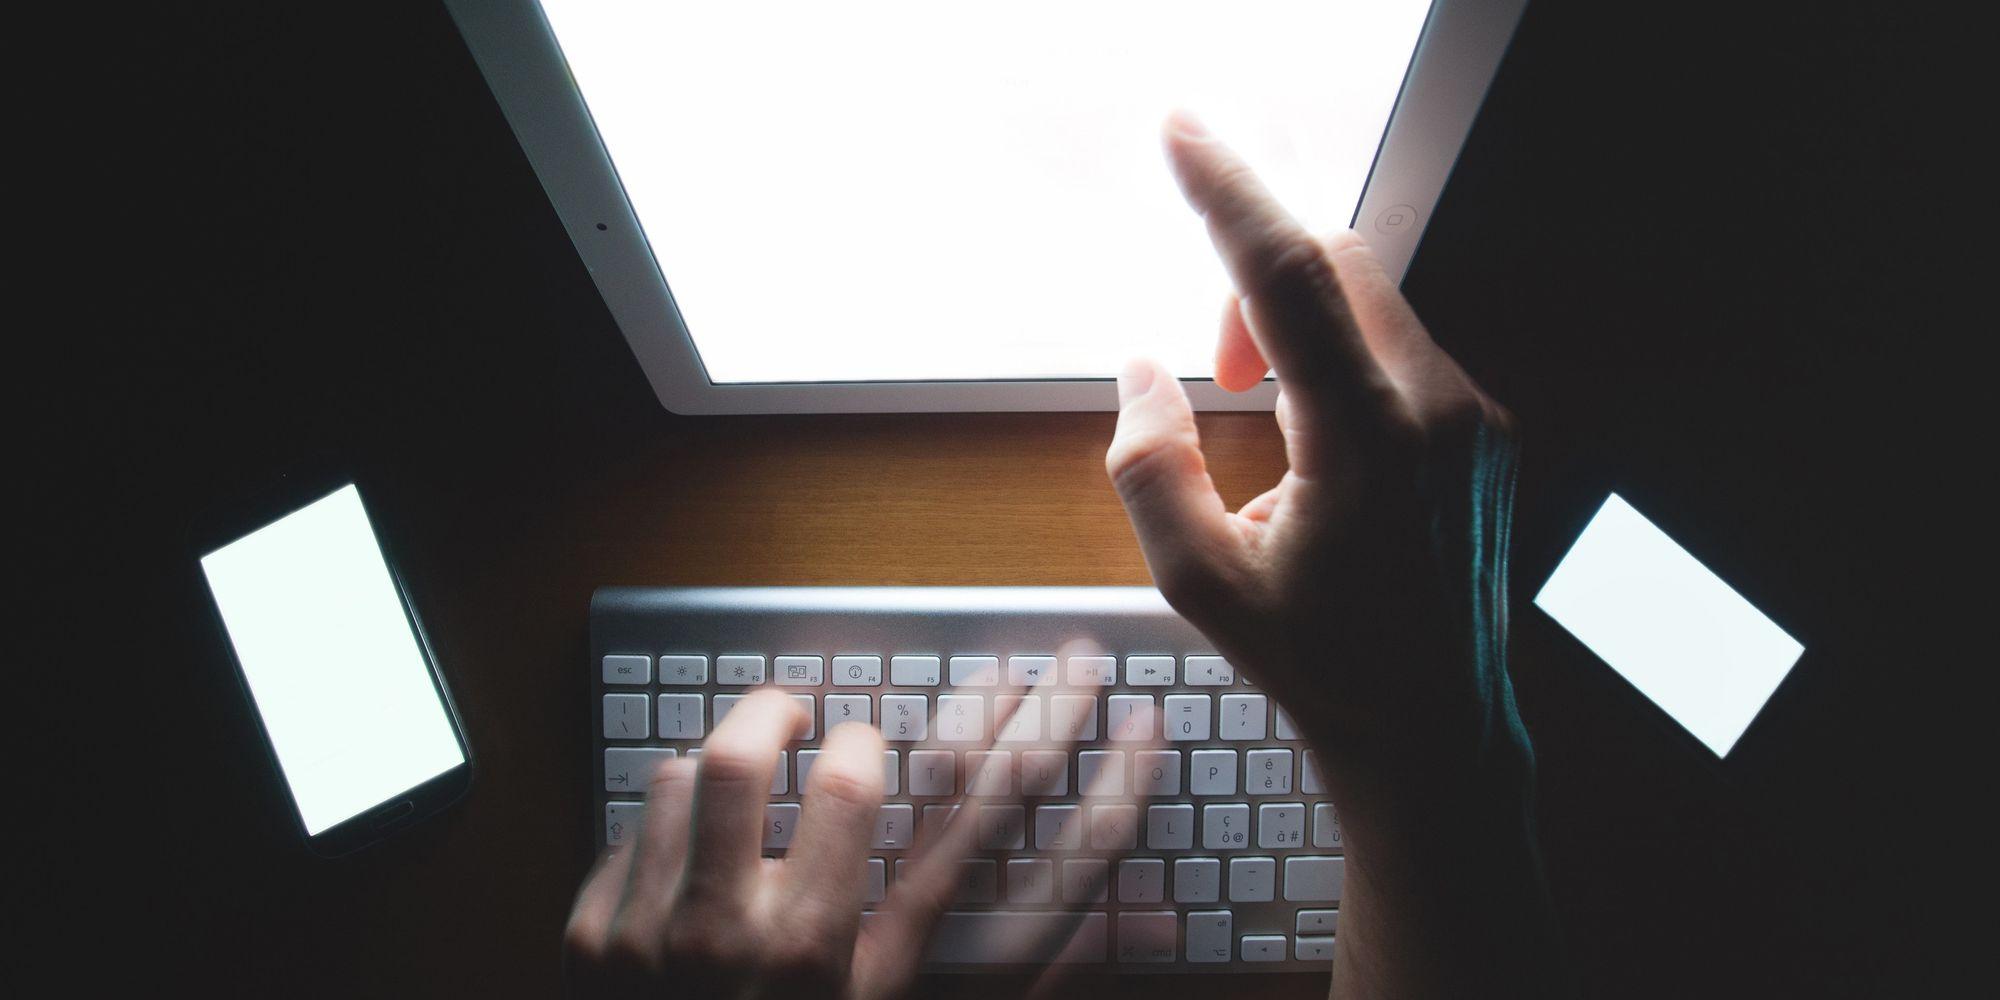 Смотреть порно стрыптизьршы в хорошем качестве фотоография